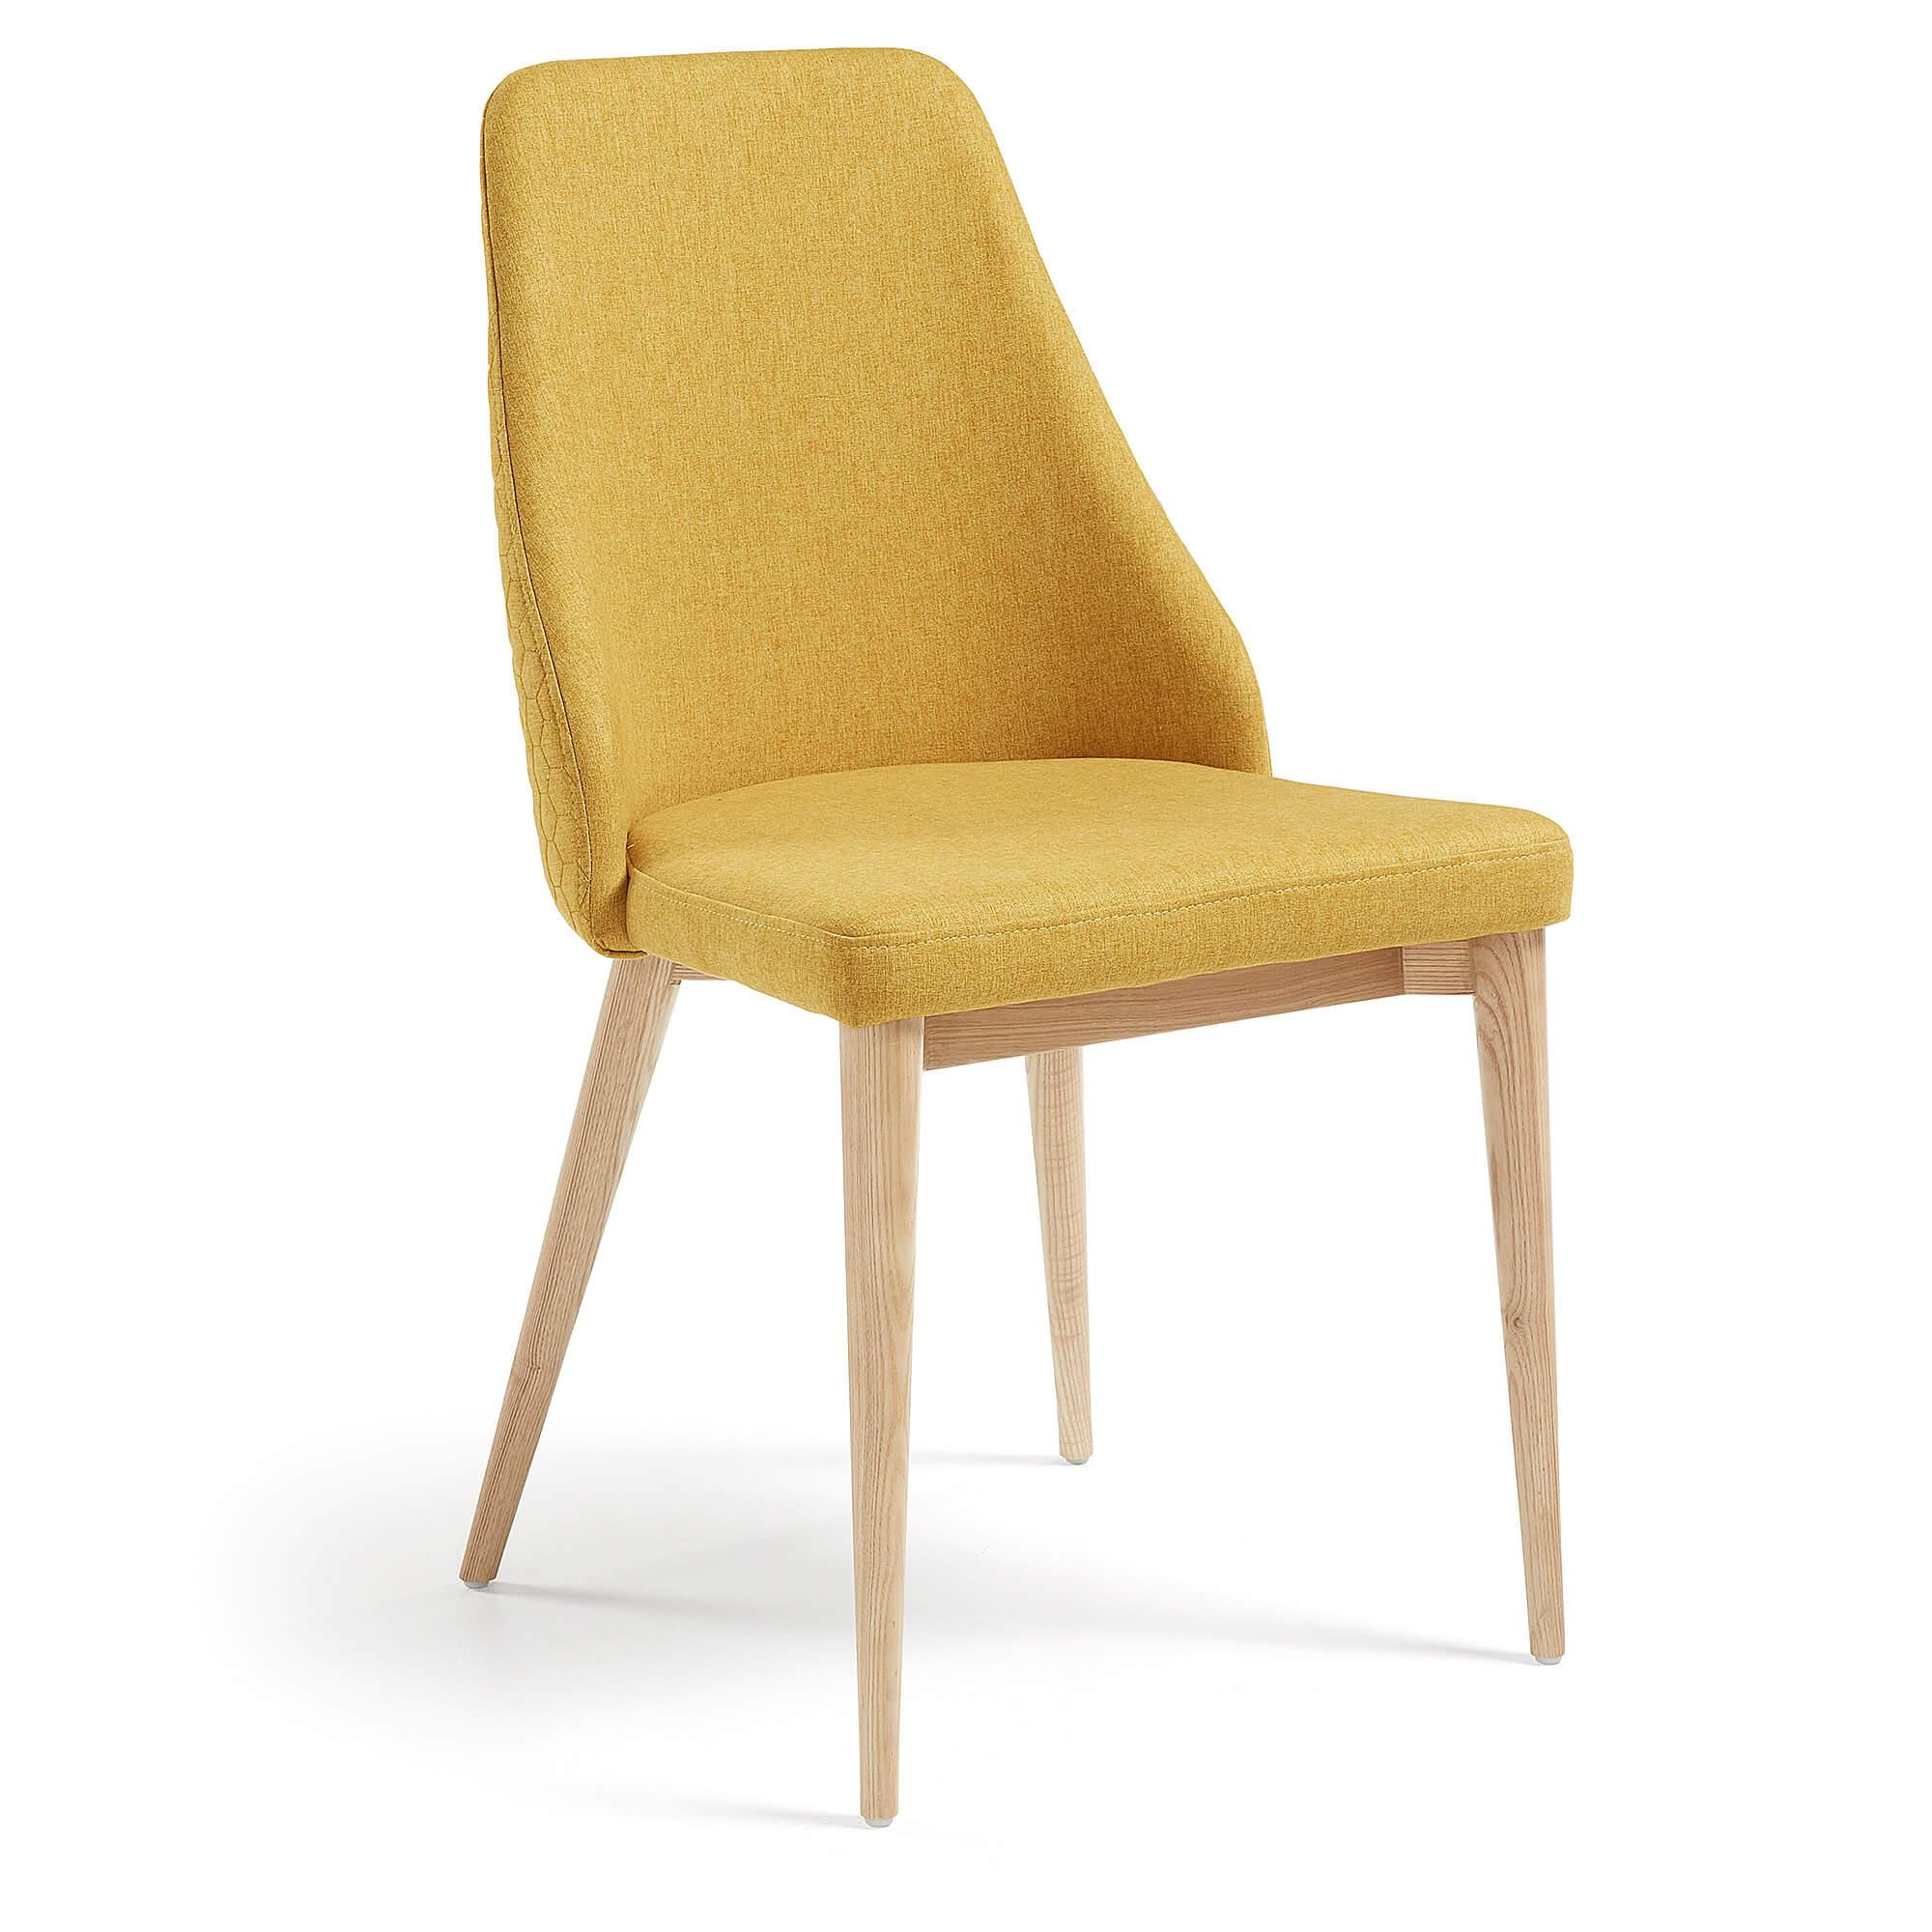 R DE ROOM silla de comedor color mostaza. Parte exterior del respaldo con pespuntes de formas hexagonales. Silla muy cómoda.